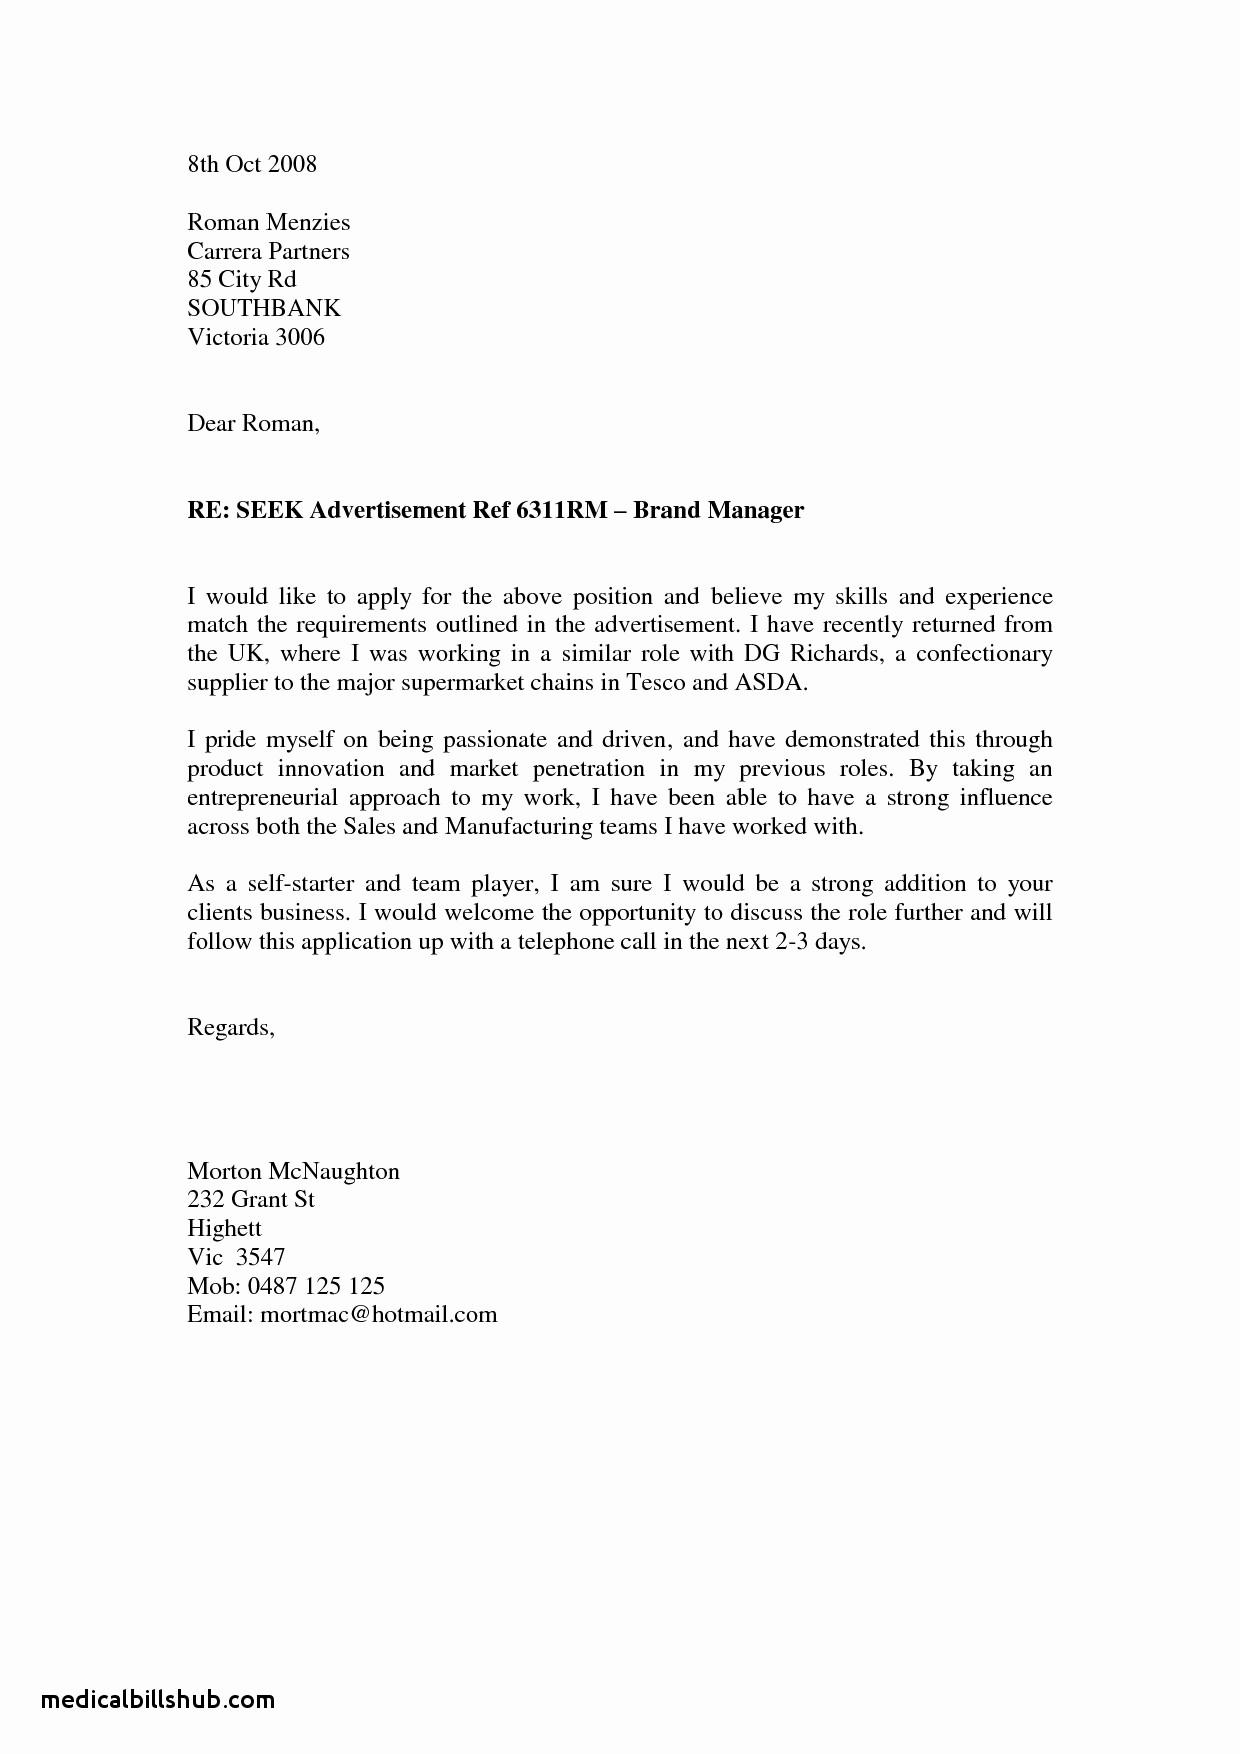 Basic Resume Cover Letter Examples Elegant Teacher Cover Letter No Experience associates Degree In